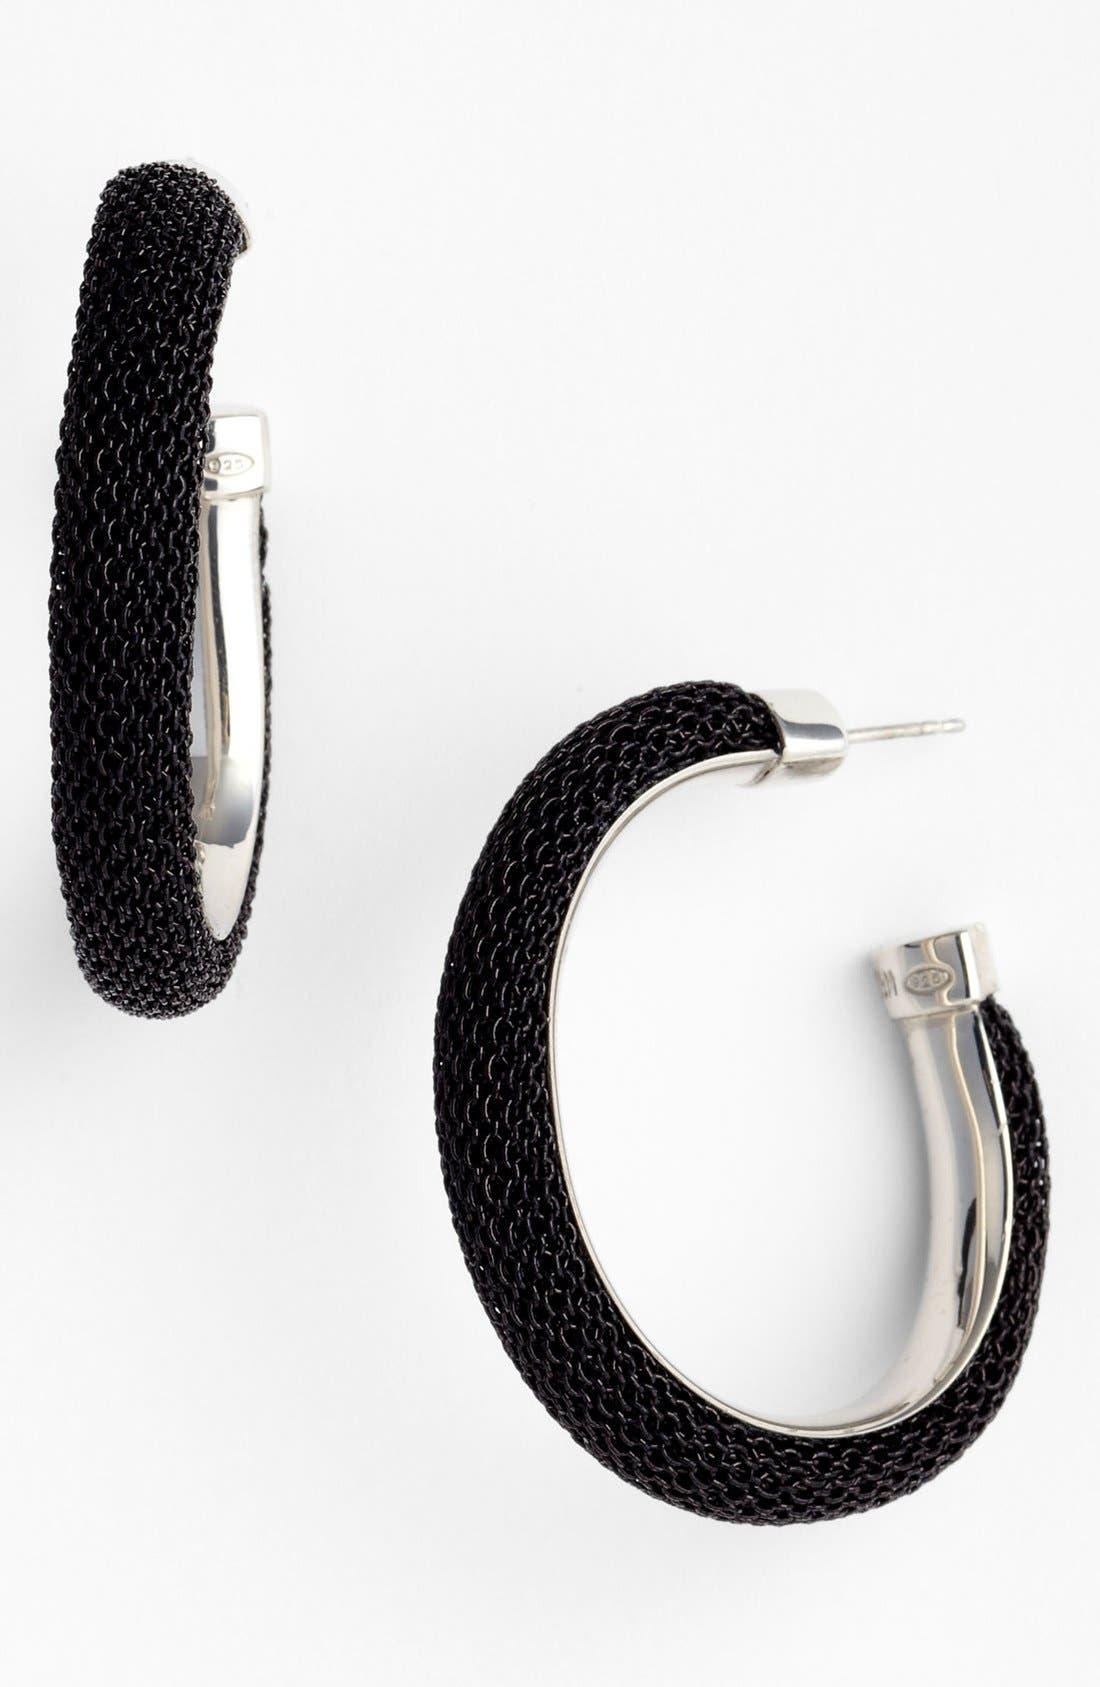 Alternate Image 1 Selected - Adami & Martucci 'Mesh' Oval Hoop Earrings (Nordstrom Exclusive)